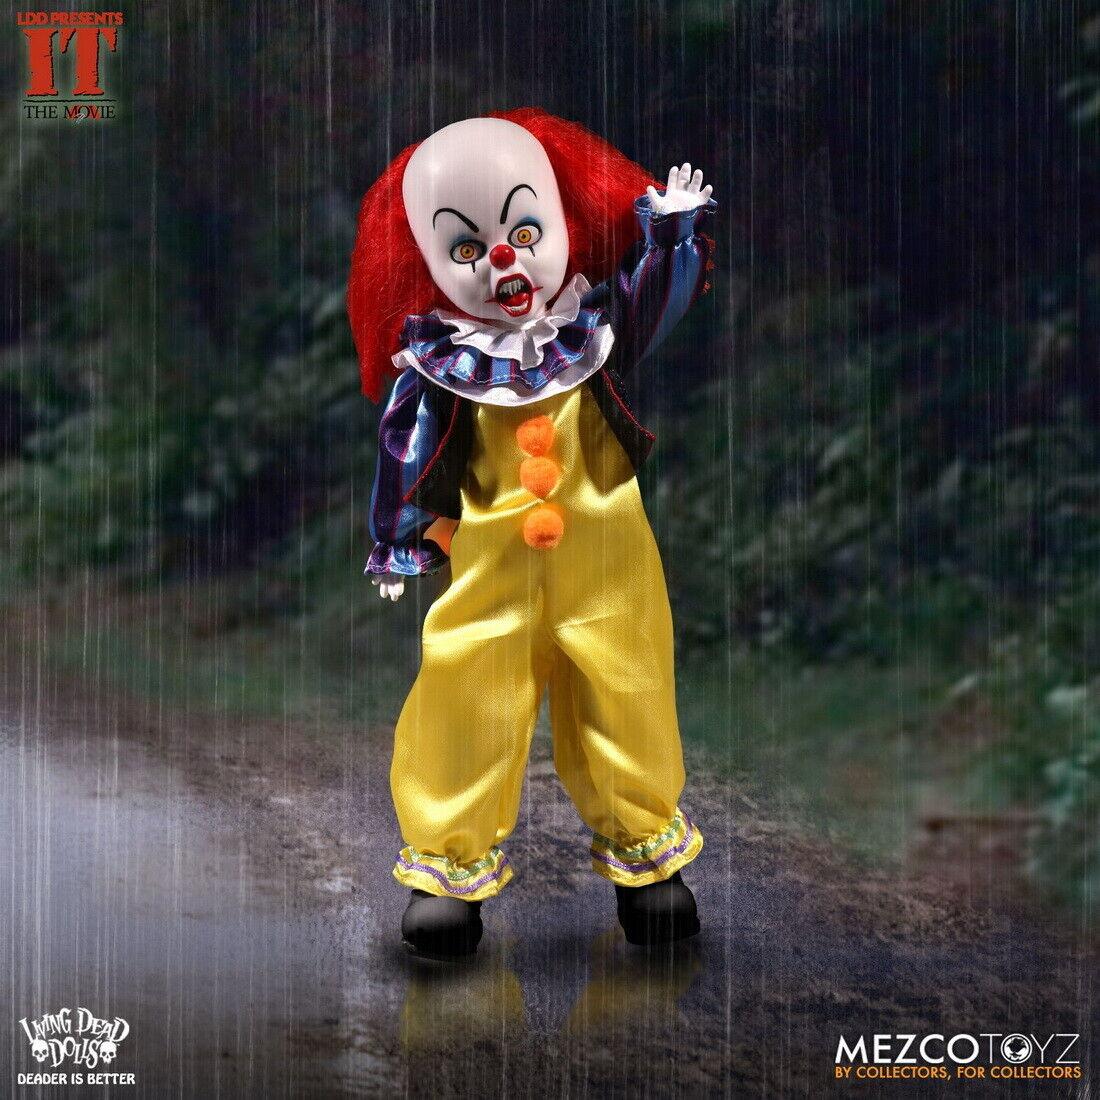 1 6 1990 Pennywise Bambola Mezco giocattoloz Living  dead 99120 azione cifra  tutti i prodotti ottengono fino al 34% di sconto